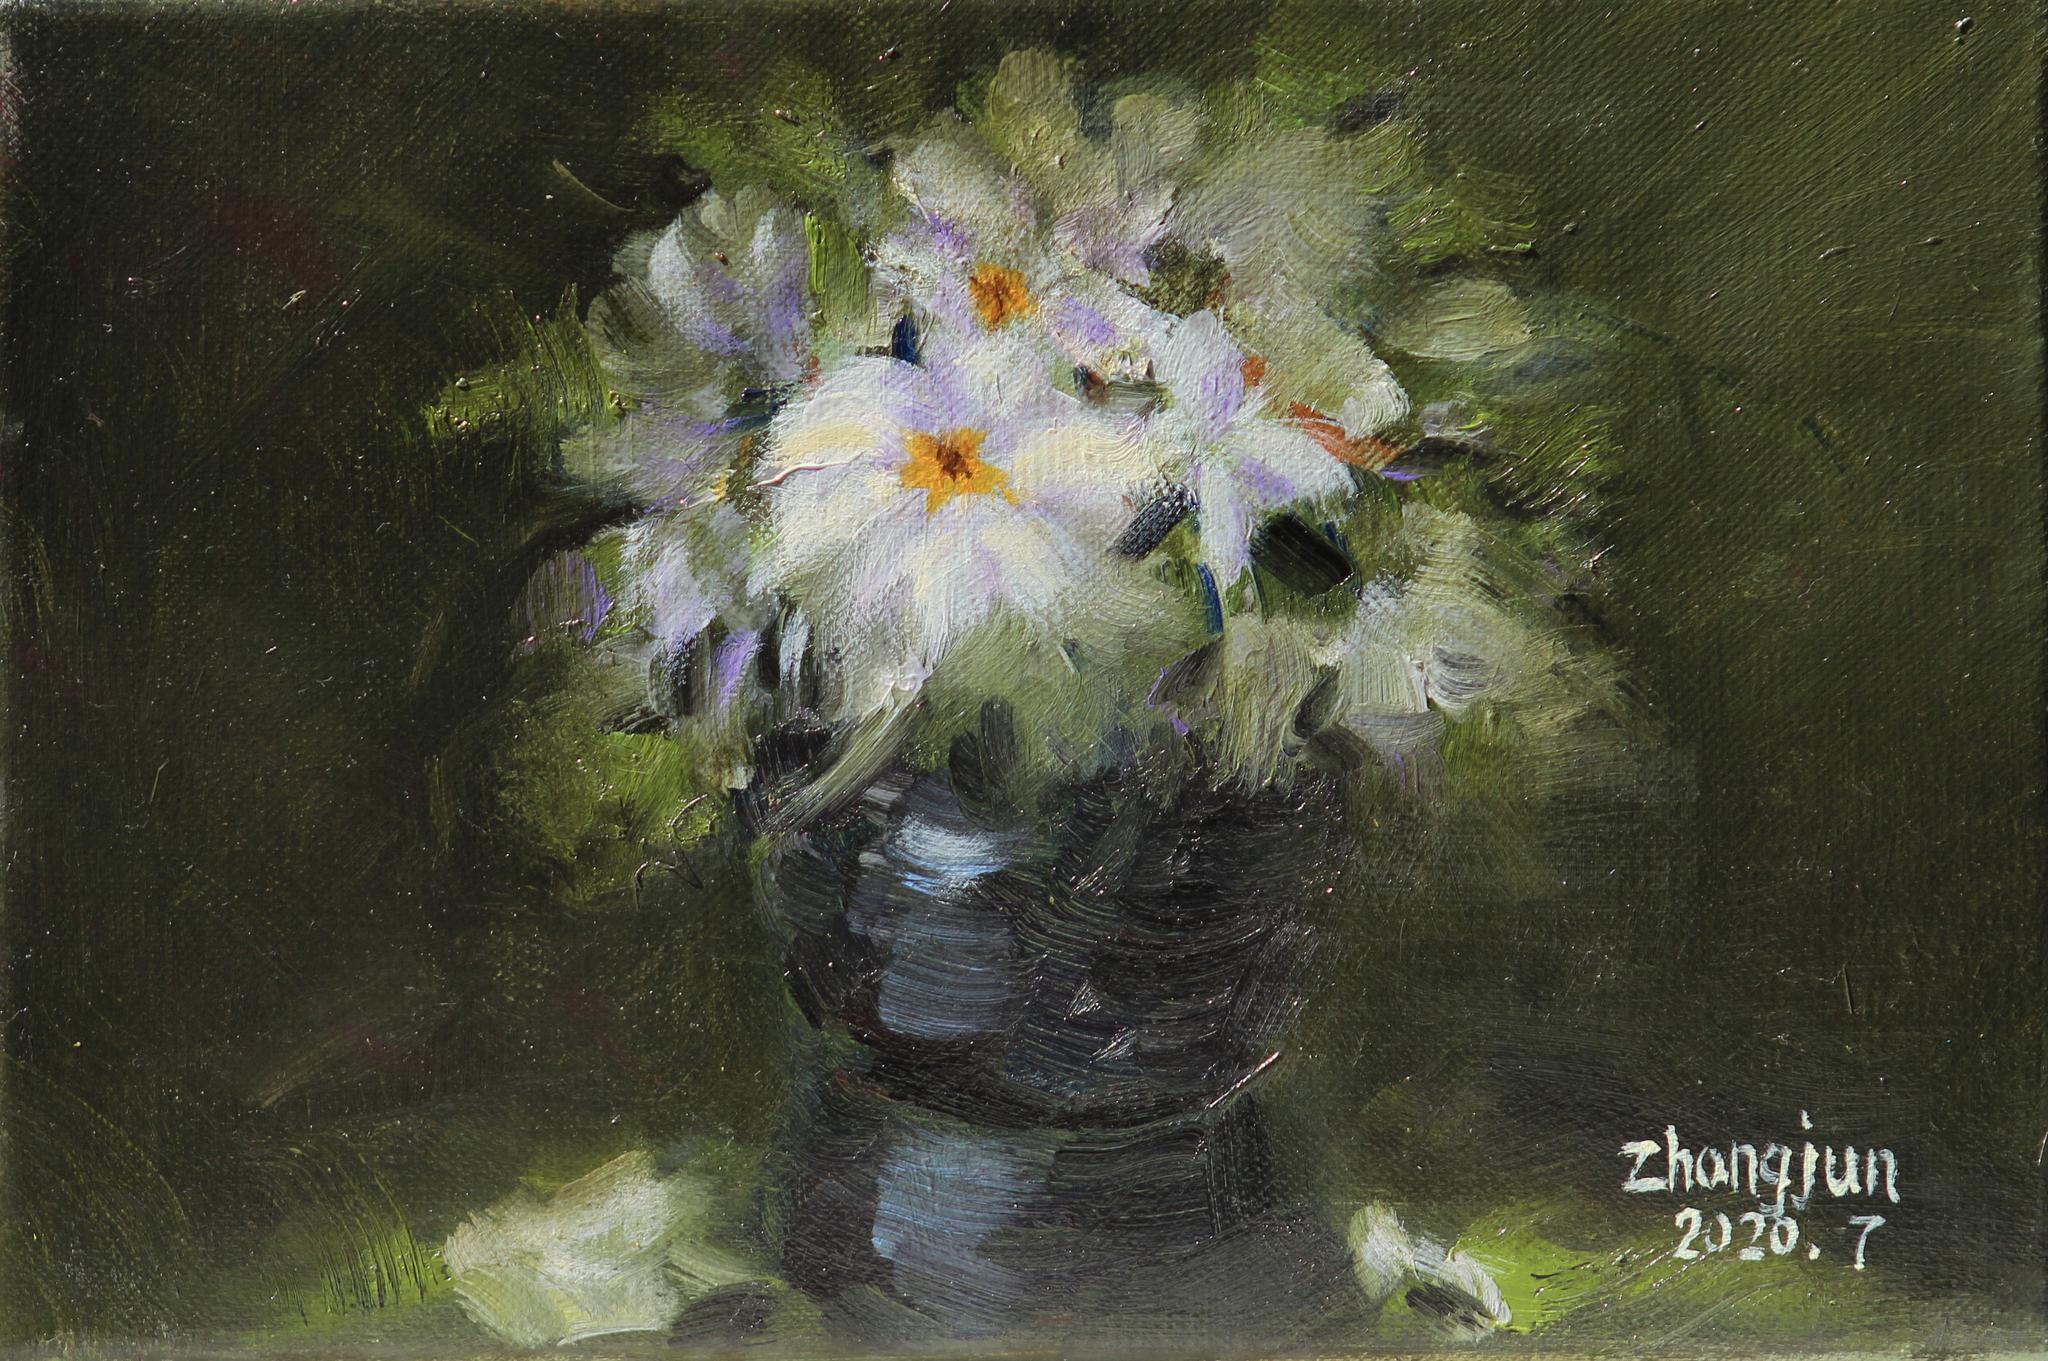 鐘俊《一簾幽夢》20 x 30 cm 布面油畫 2020